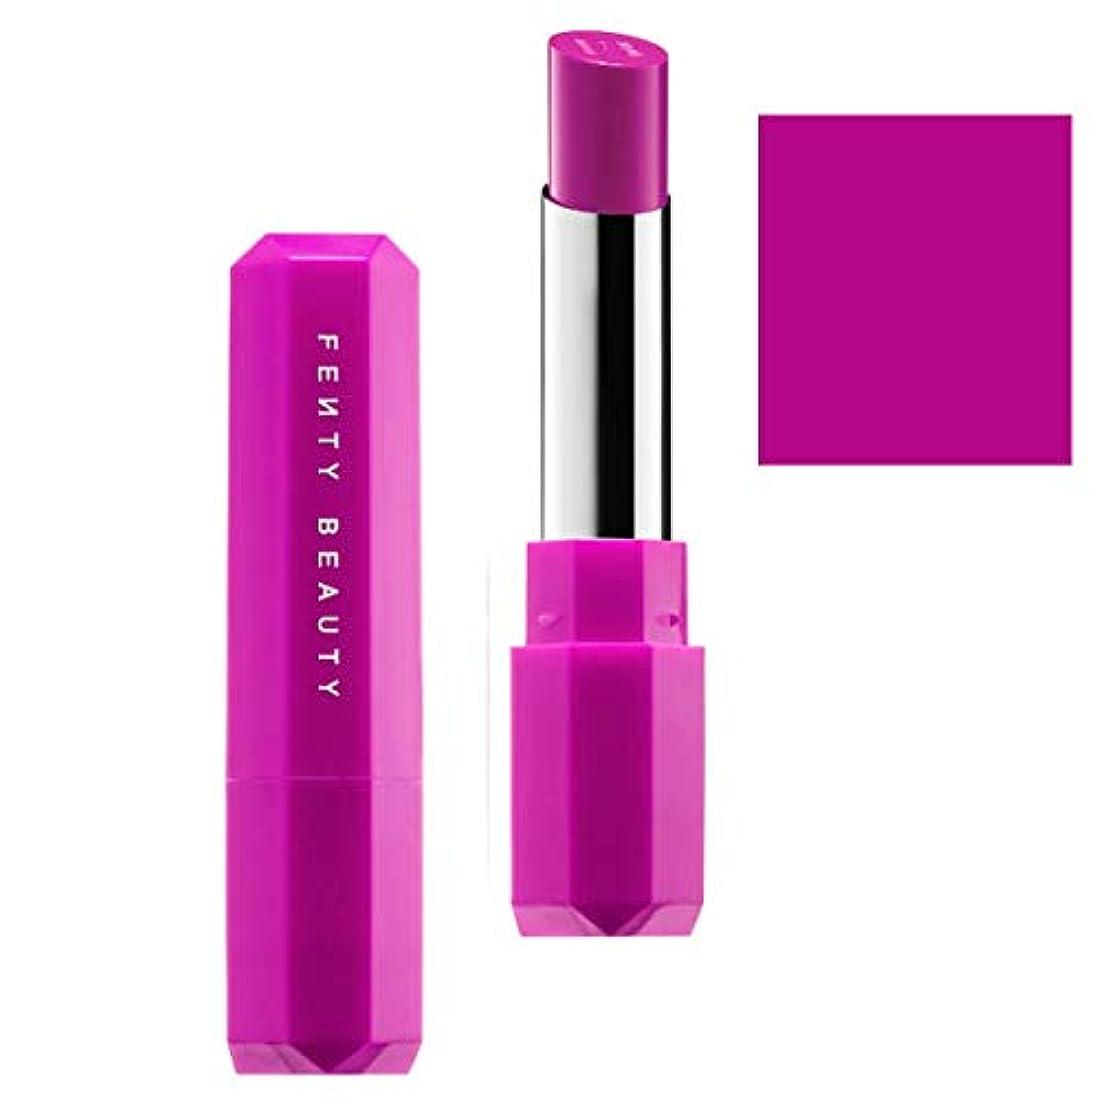 水没洗練メタンFENTY BEAUTY BY RIHANNA,New!!, 限定版 limited-edition, Poutsicle Juicy Satin Lipstick - Purpcicle [海外直送品] [並行輸入品]